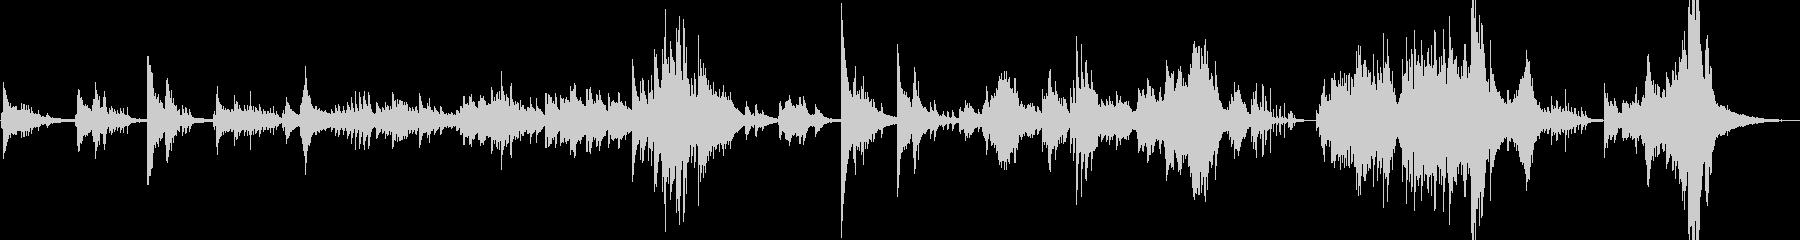 ヨーロピアンジャズを意識したピアノ即興。の未再生の波形